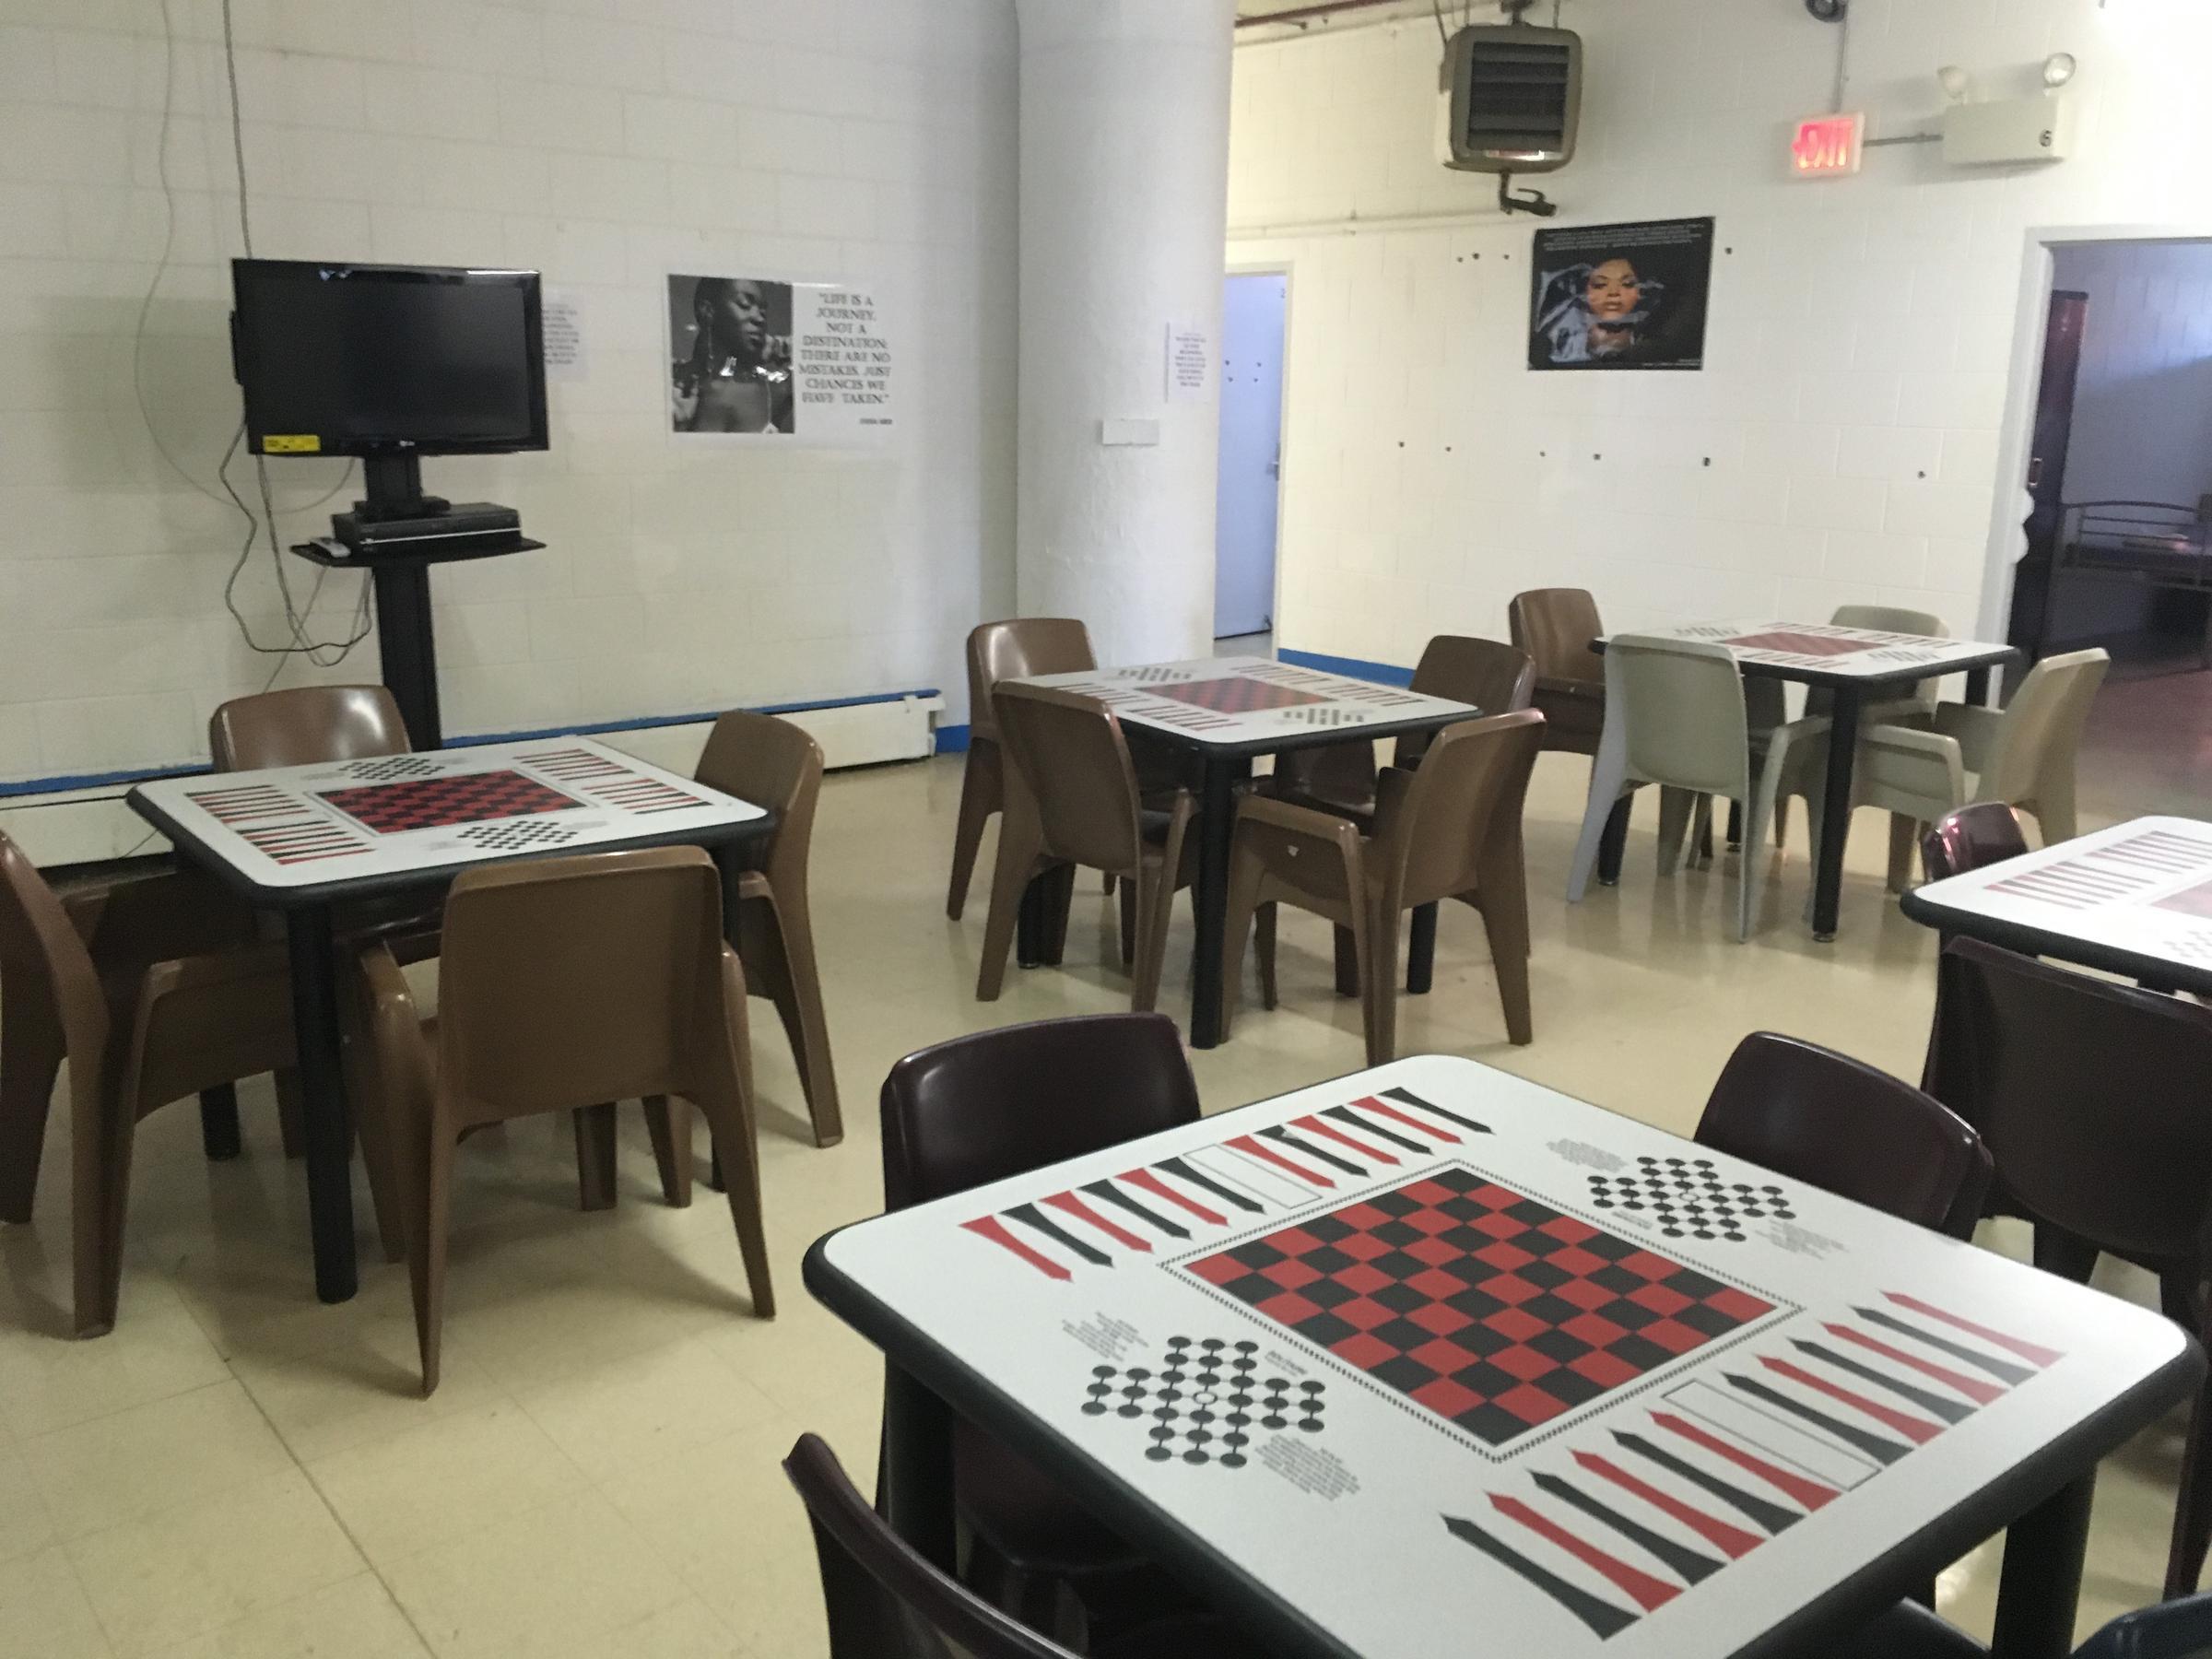 Newark Opens First 24 Hour Homeless Shelter WBGO